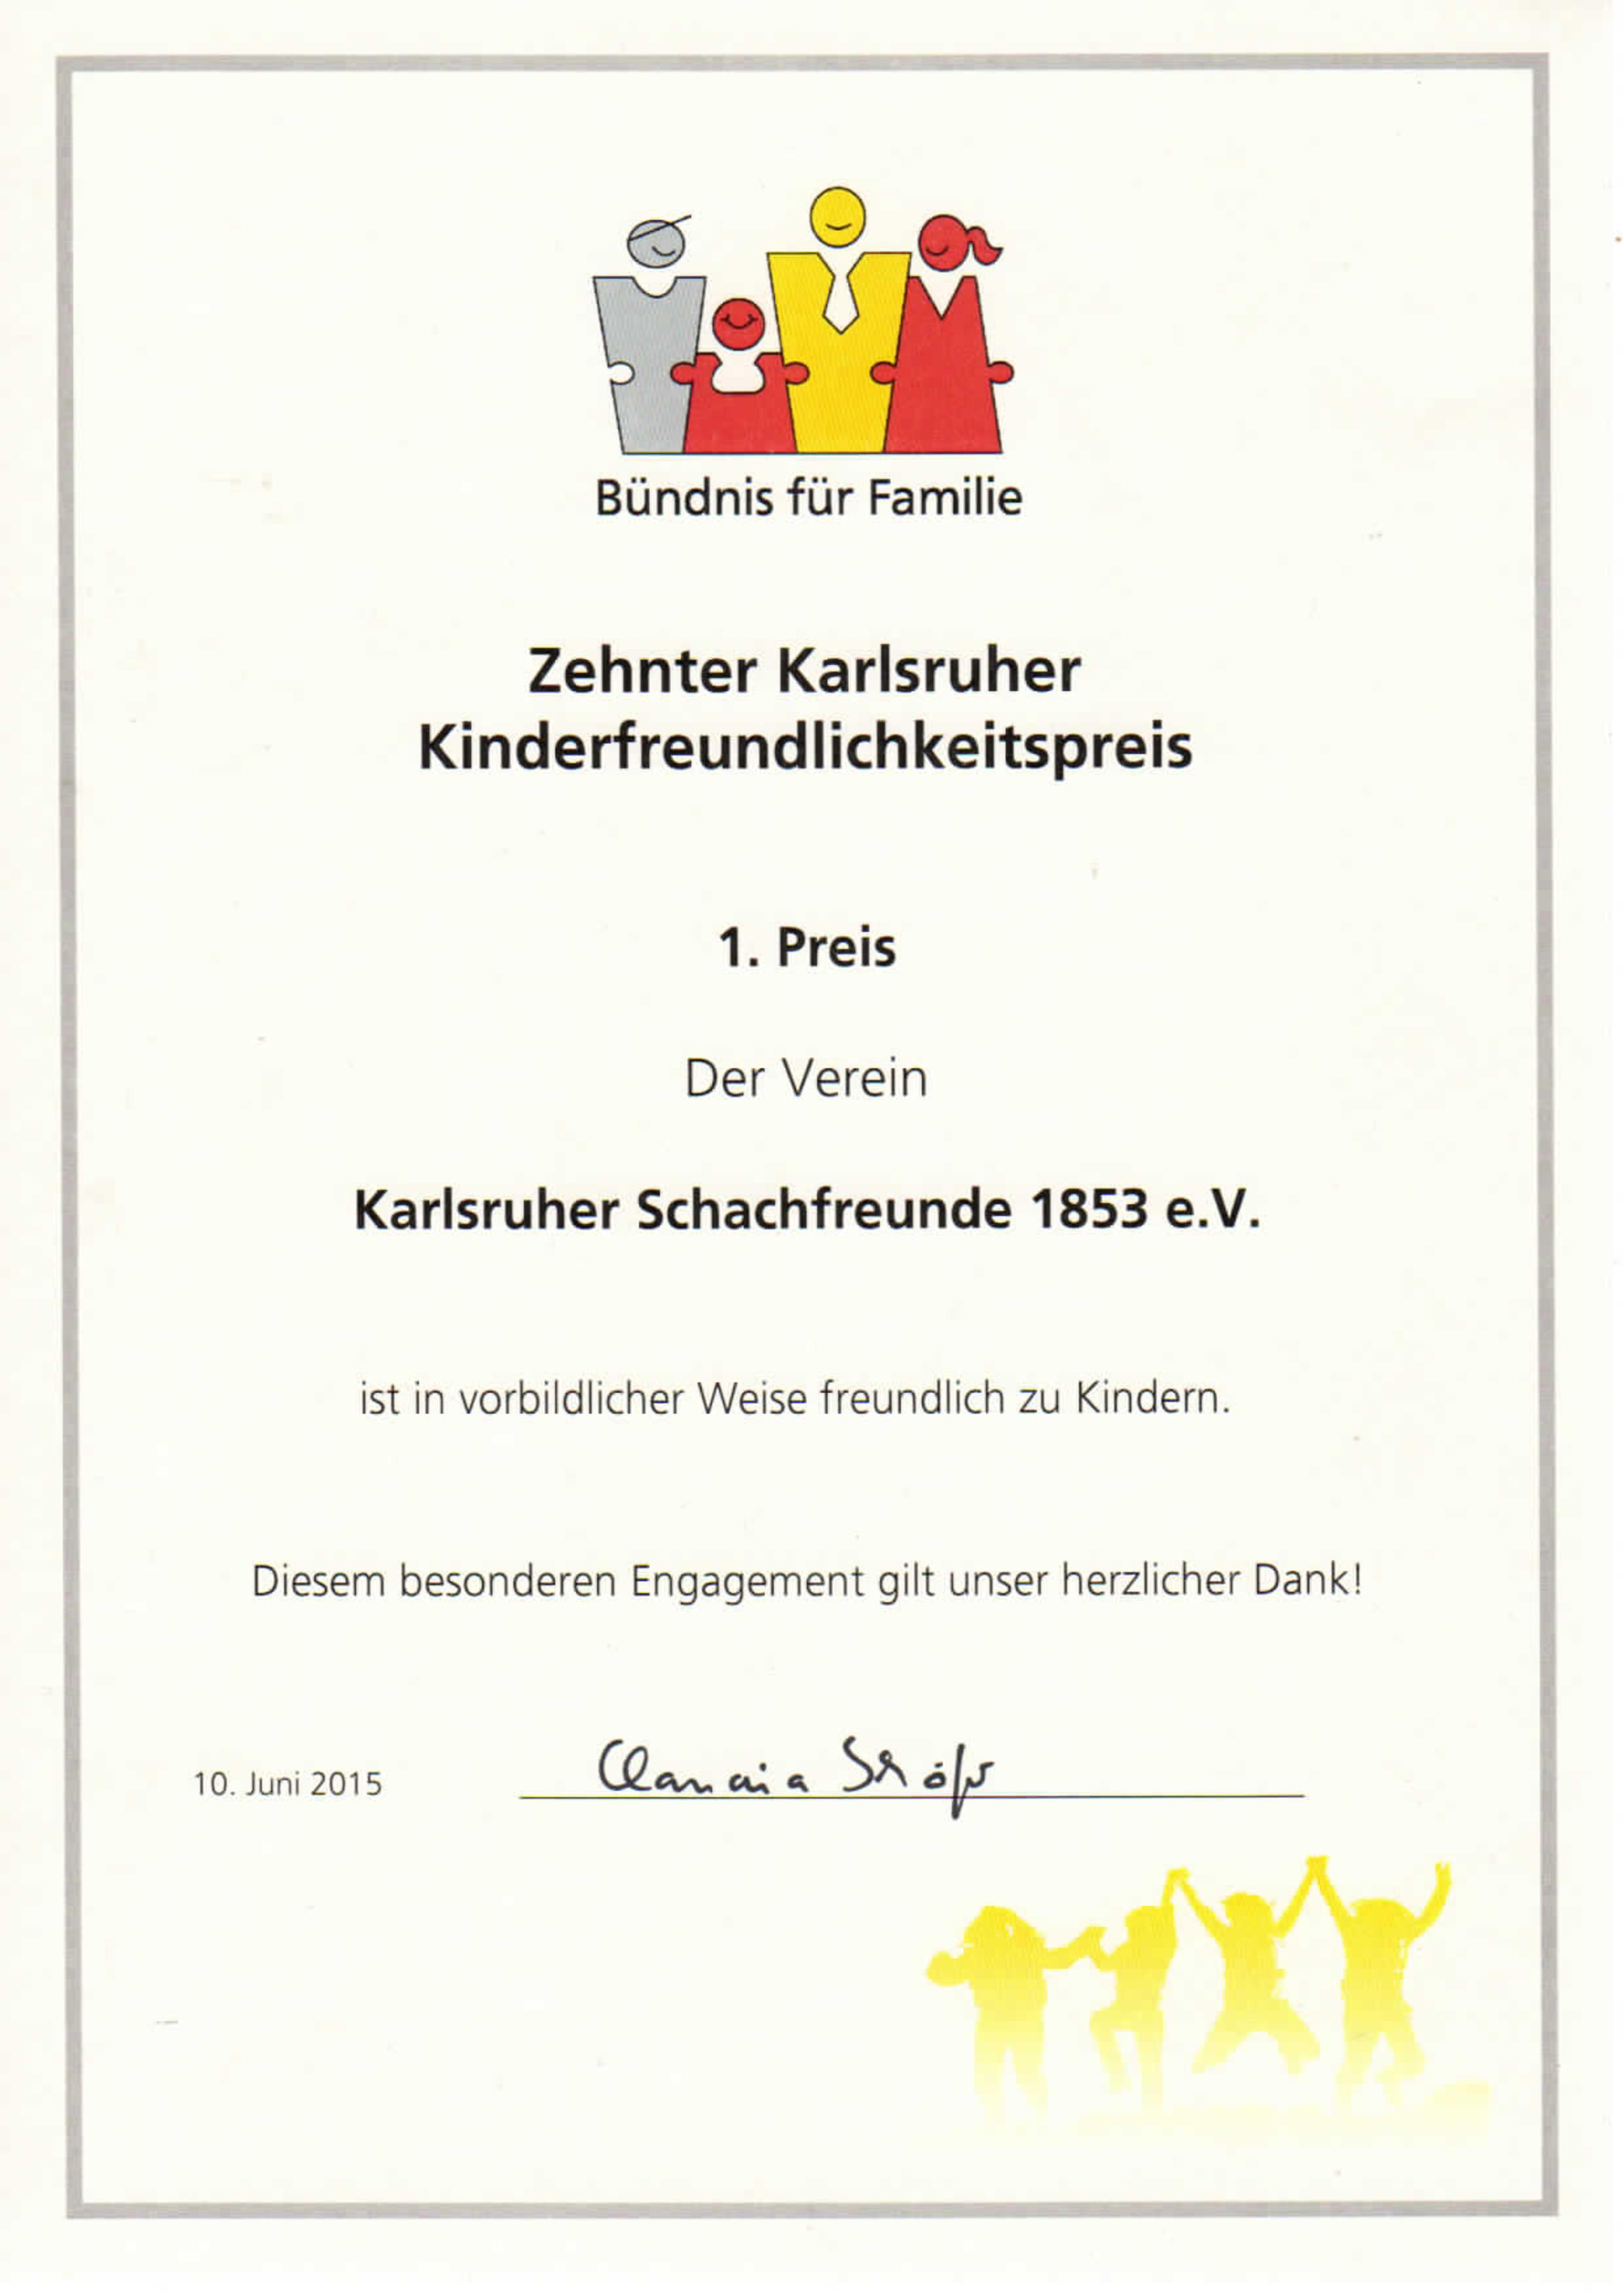 kinderfreundlichkeitspreis201501